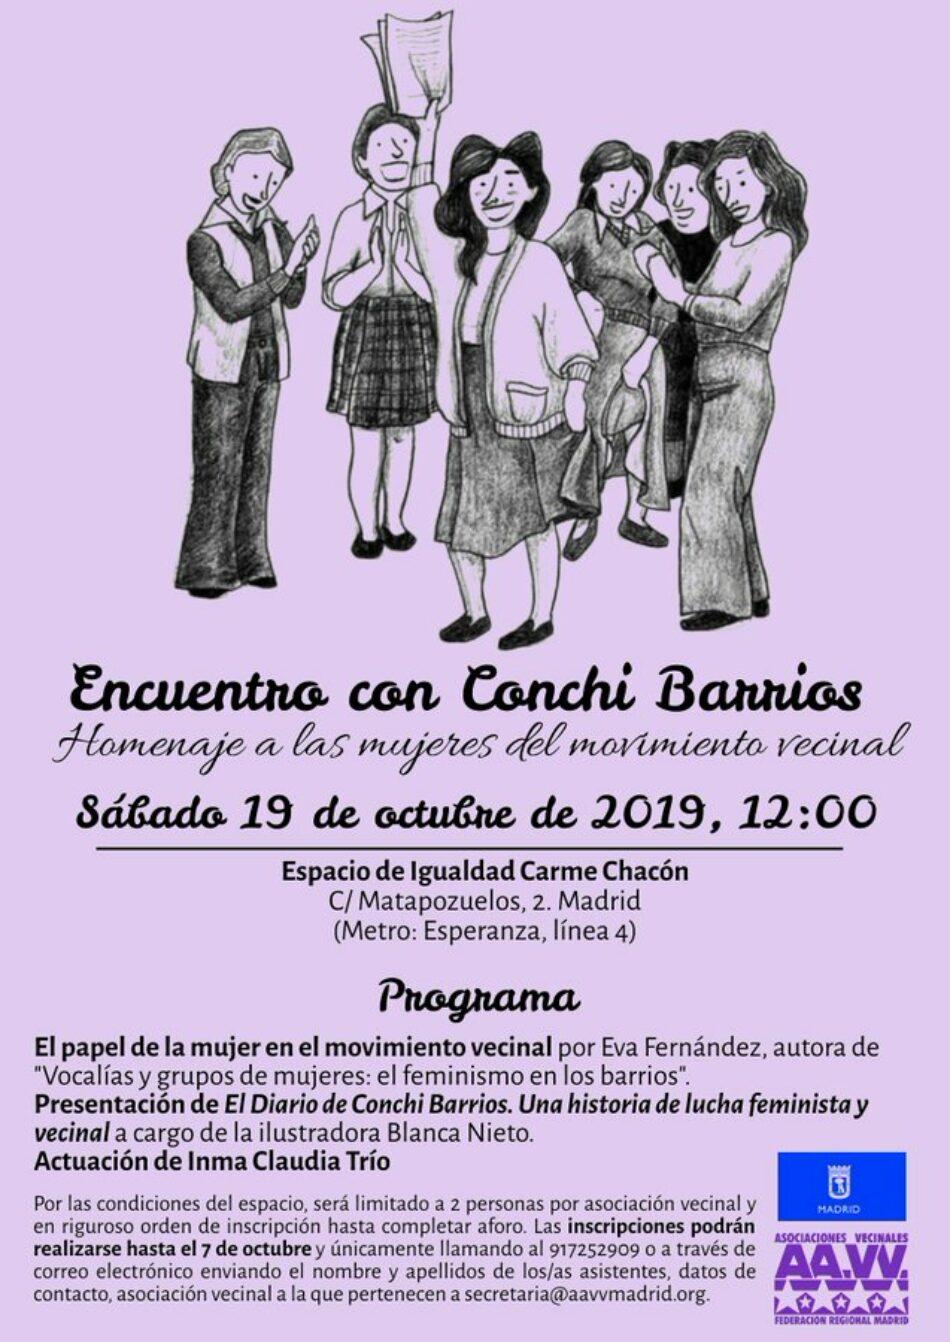 Conchi Barrios regresa para rendir homenaje a las mujeres del movimiento vecinal